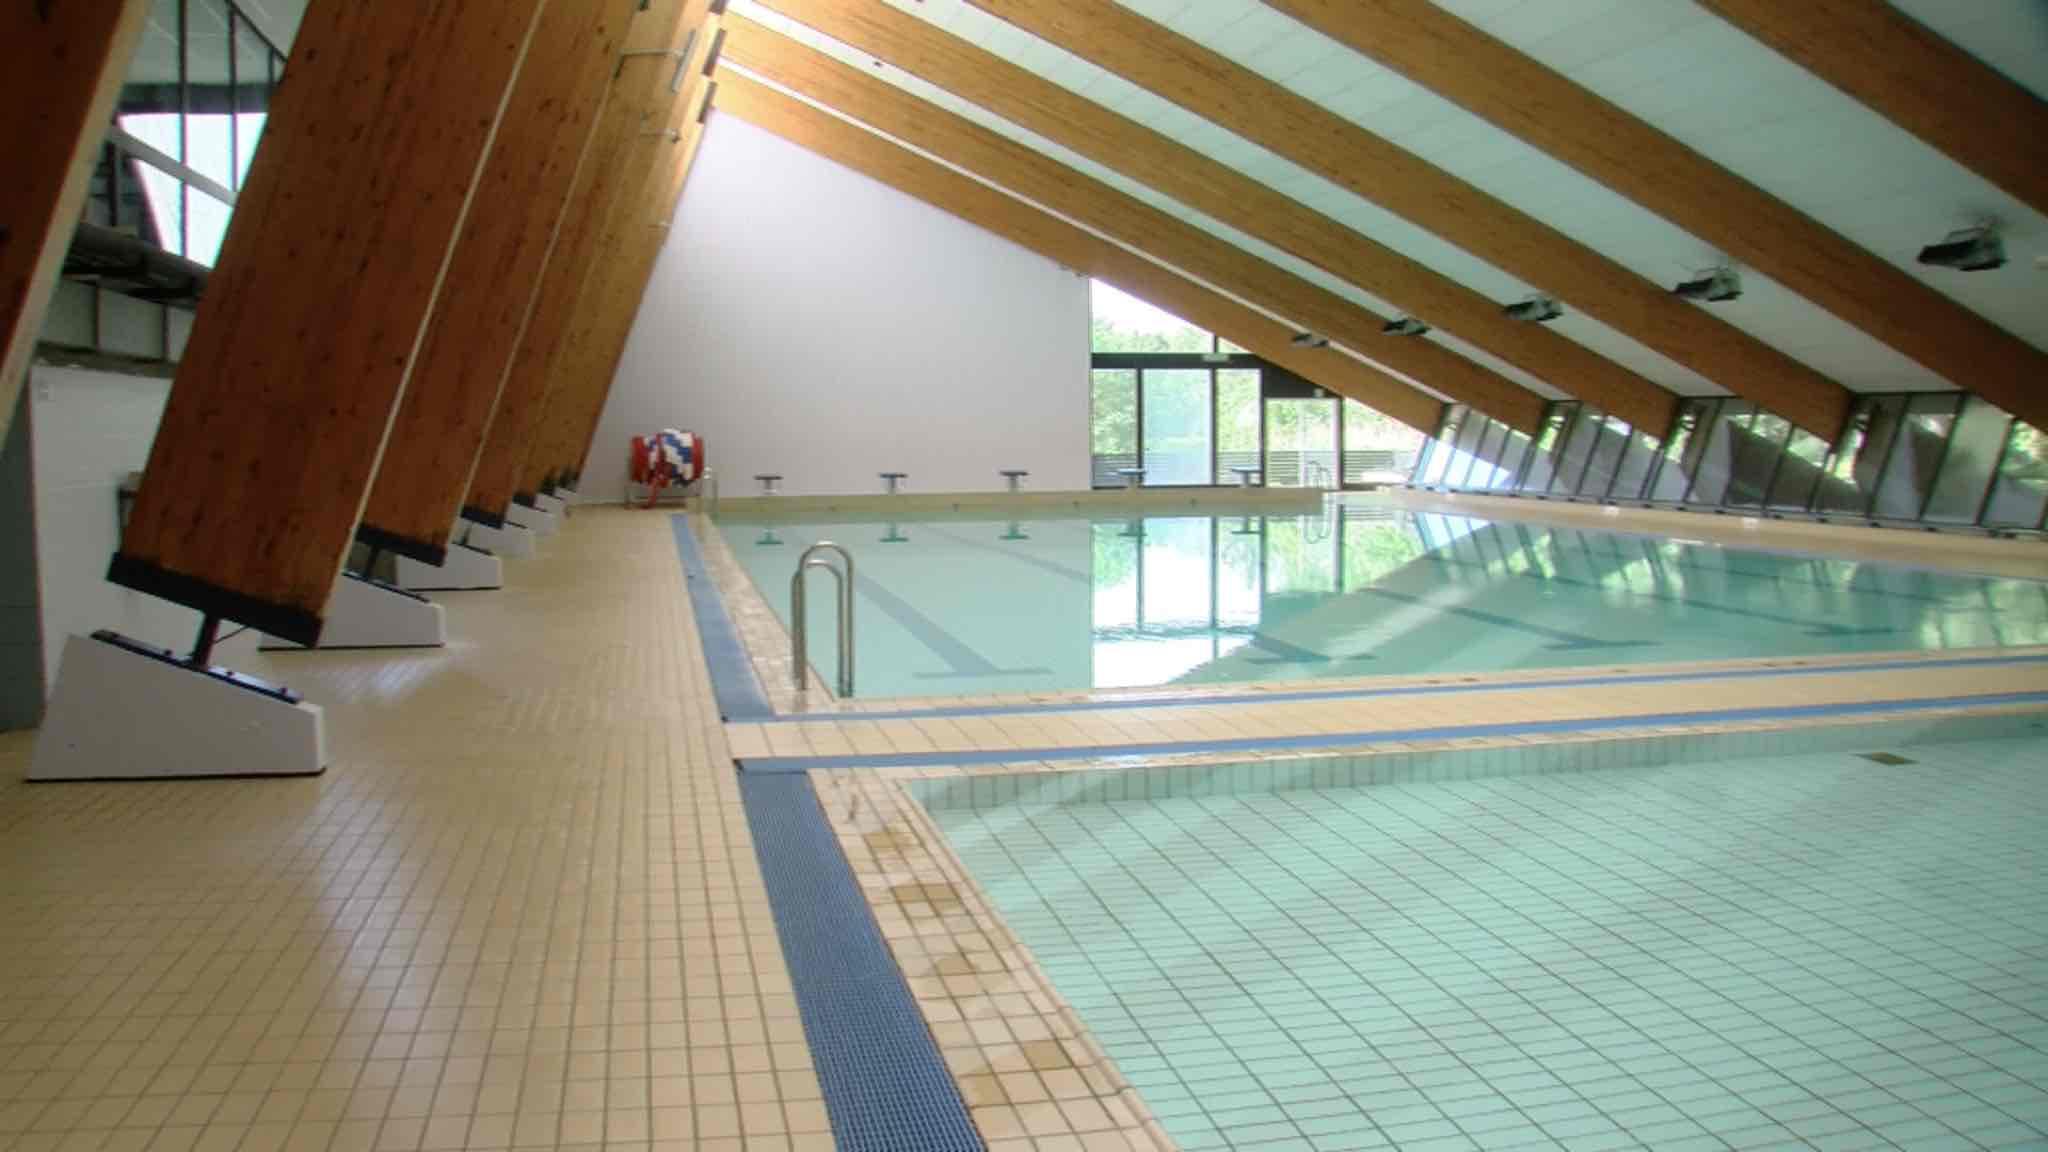 La piscine de Bernissart fermée depuis 5 semaines pour cause de surtensions électriques